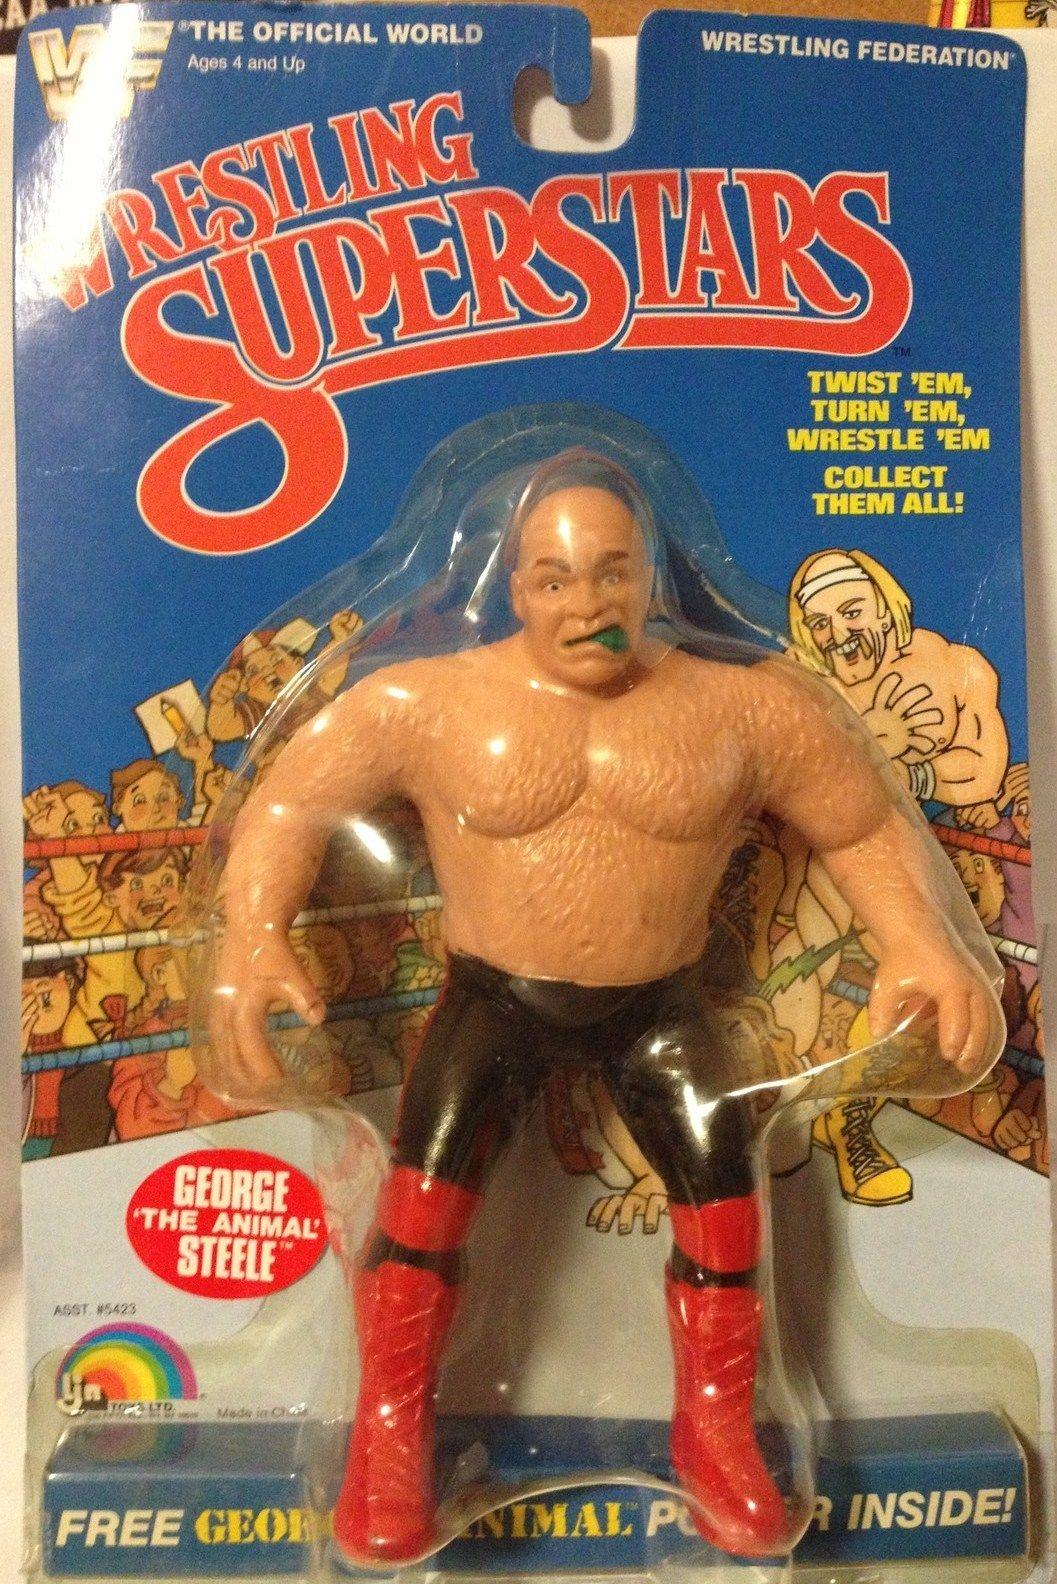 Wwf Wrestling Superstars George Steele Action Figure Wrestling